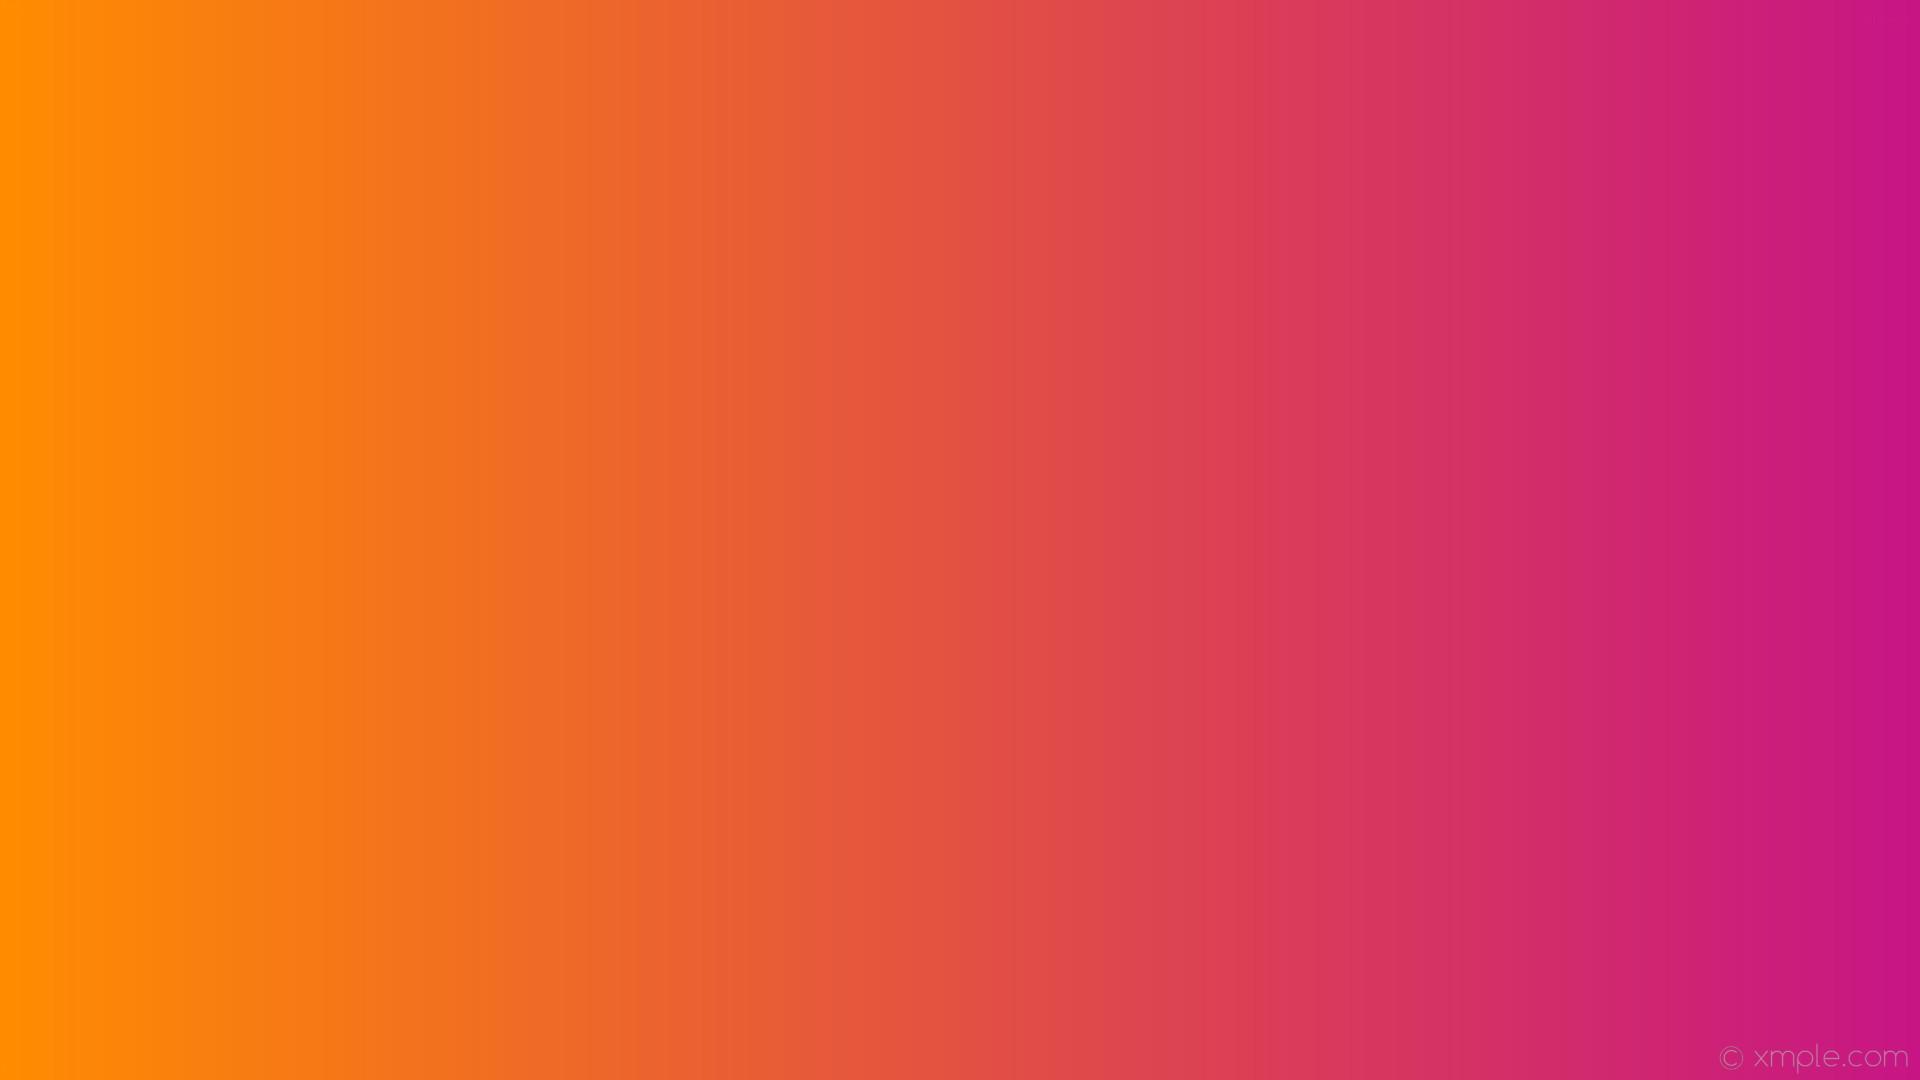 1920x1080 Wallpaper Linear Gradient Pink Orange Medium Violet Red Dark C71585 Ff8c00 0A